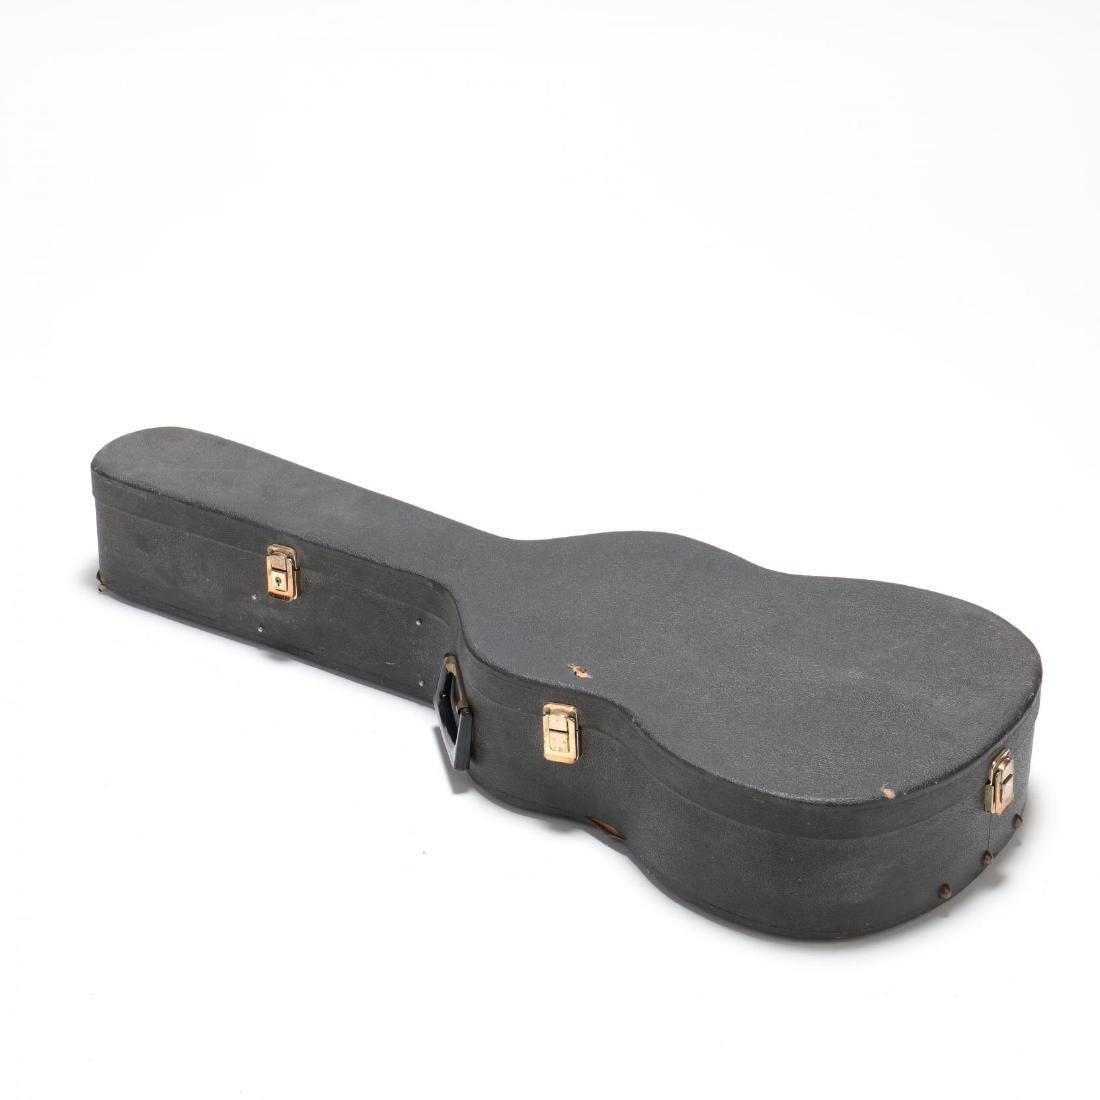 1967 Martin O-18 Flat Top Guitar - 8